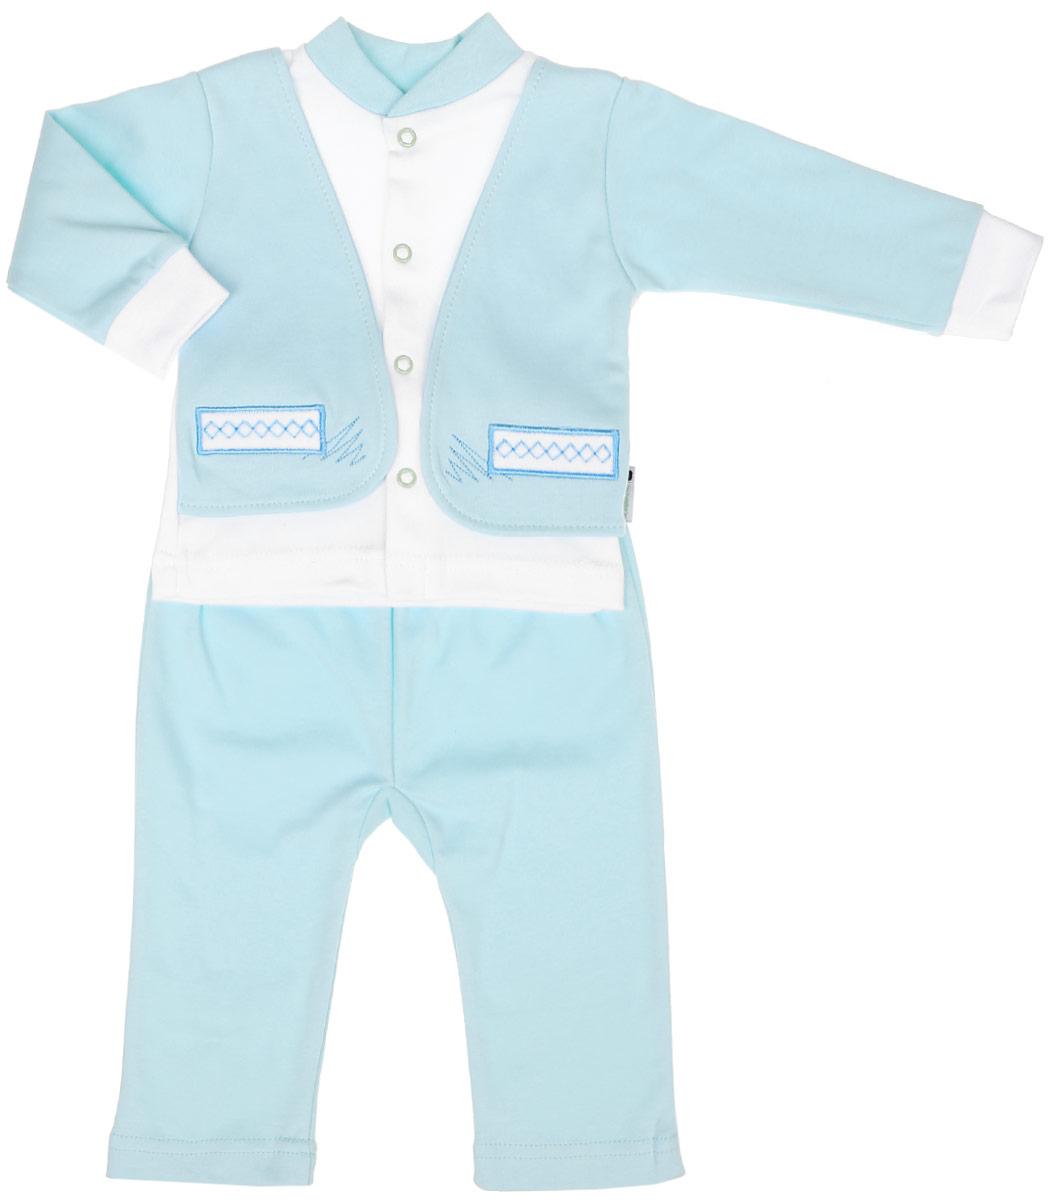 Комплект для мальчика Клякса: кофточка, штанишки, цвет: мятный, белый. 37к-2005. Размер 6837к-2005Комплект для мальчика Клякса, изготовленный из натурального хлопка, состоит из кофточки и штанишек. Кофточка с имитацией пиджака застегивается спереди на кнопки. Модель с длинными рукавами имеет круглый вырез горловины, дополненный мягкой трикотажной резинкой. На рукавах предусмотрены эластичные манжеты. Кофточка украшена вышивкой. Штанишки с завышенной линией талии имеют мягкий эластичный пояс.